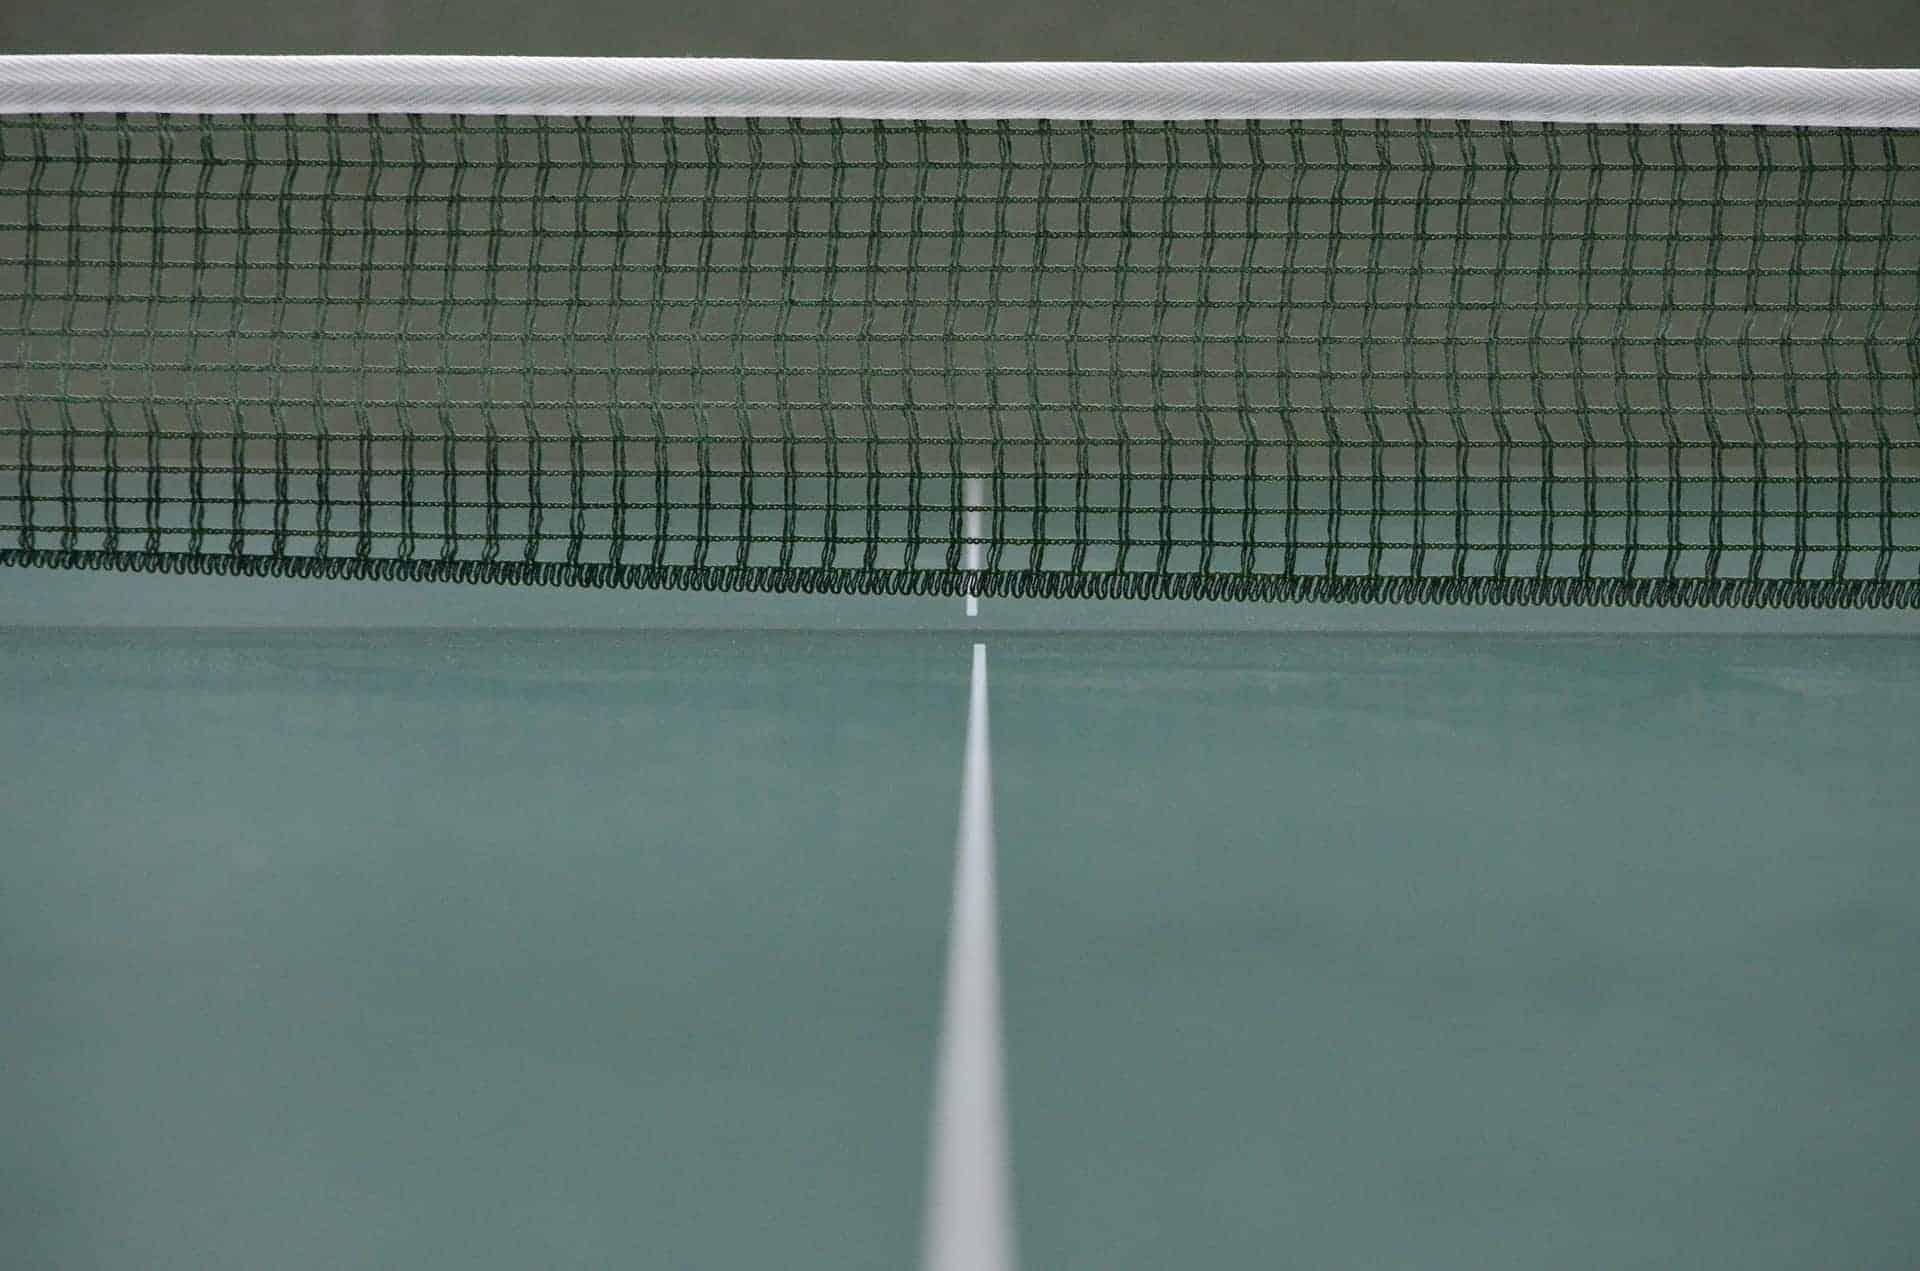 Tischtennisplatte: Test & Empfehlungen (04/21)